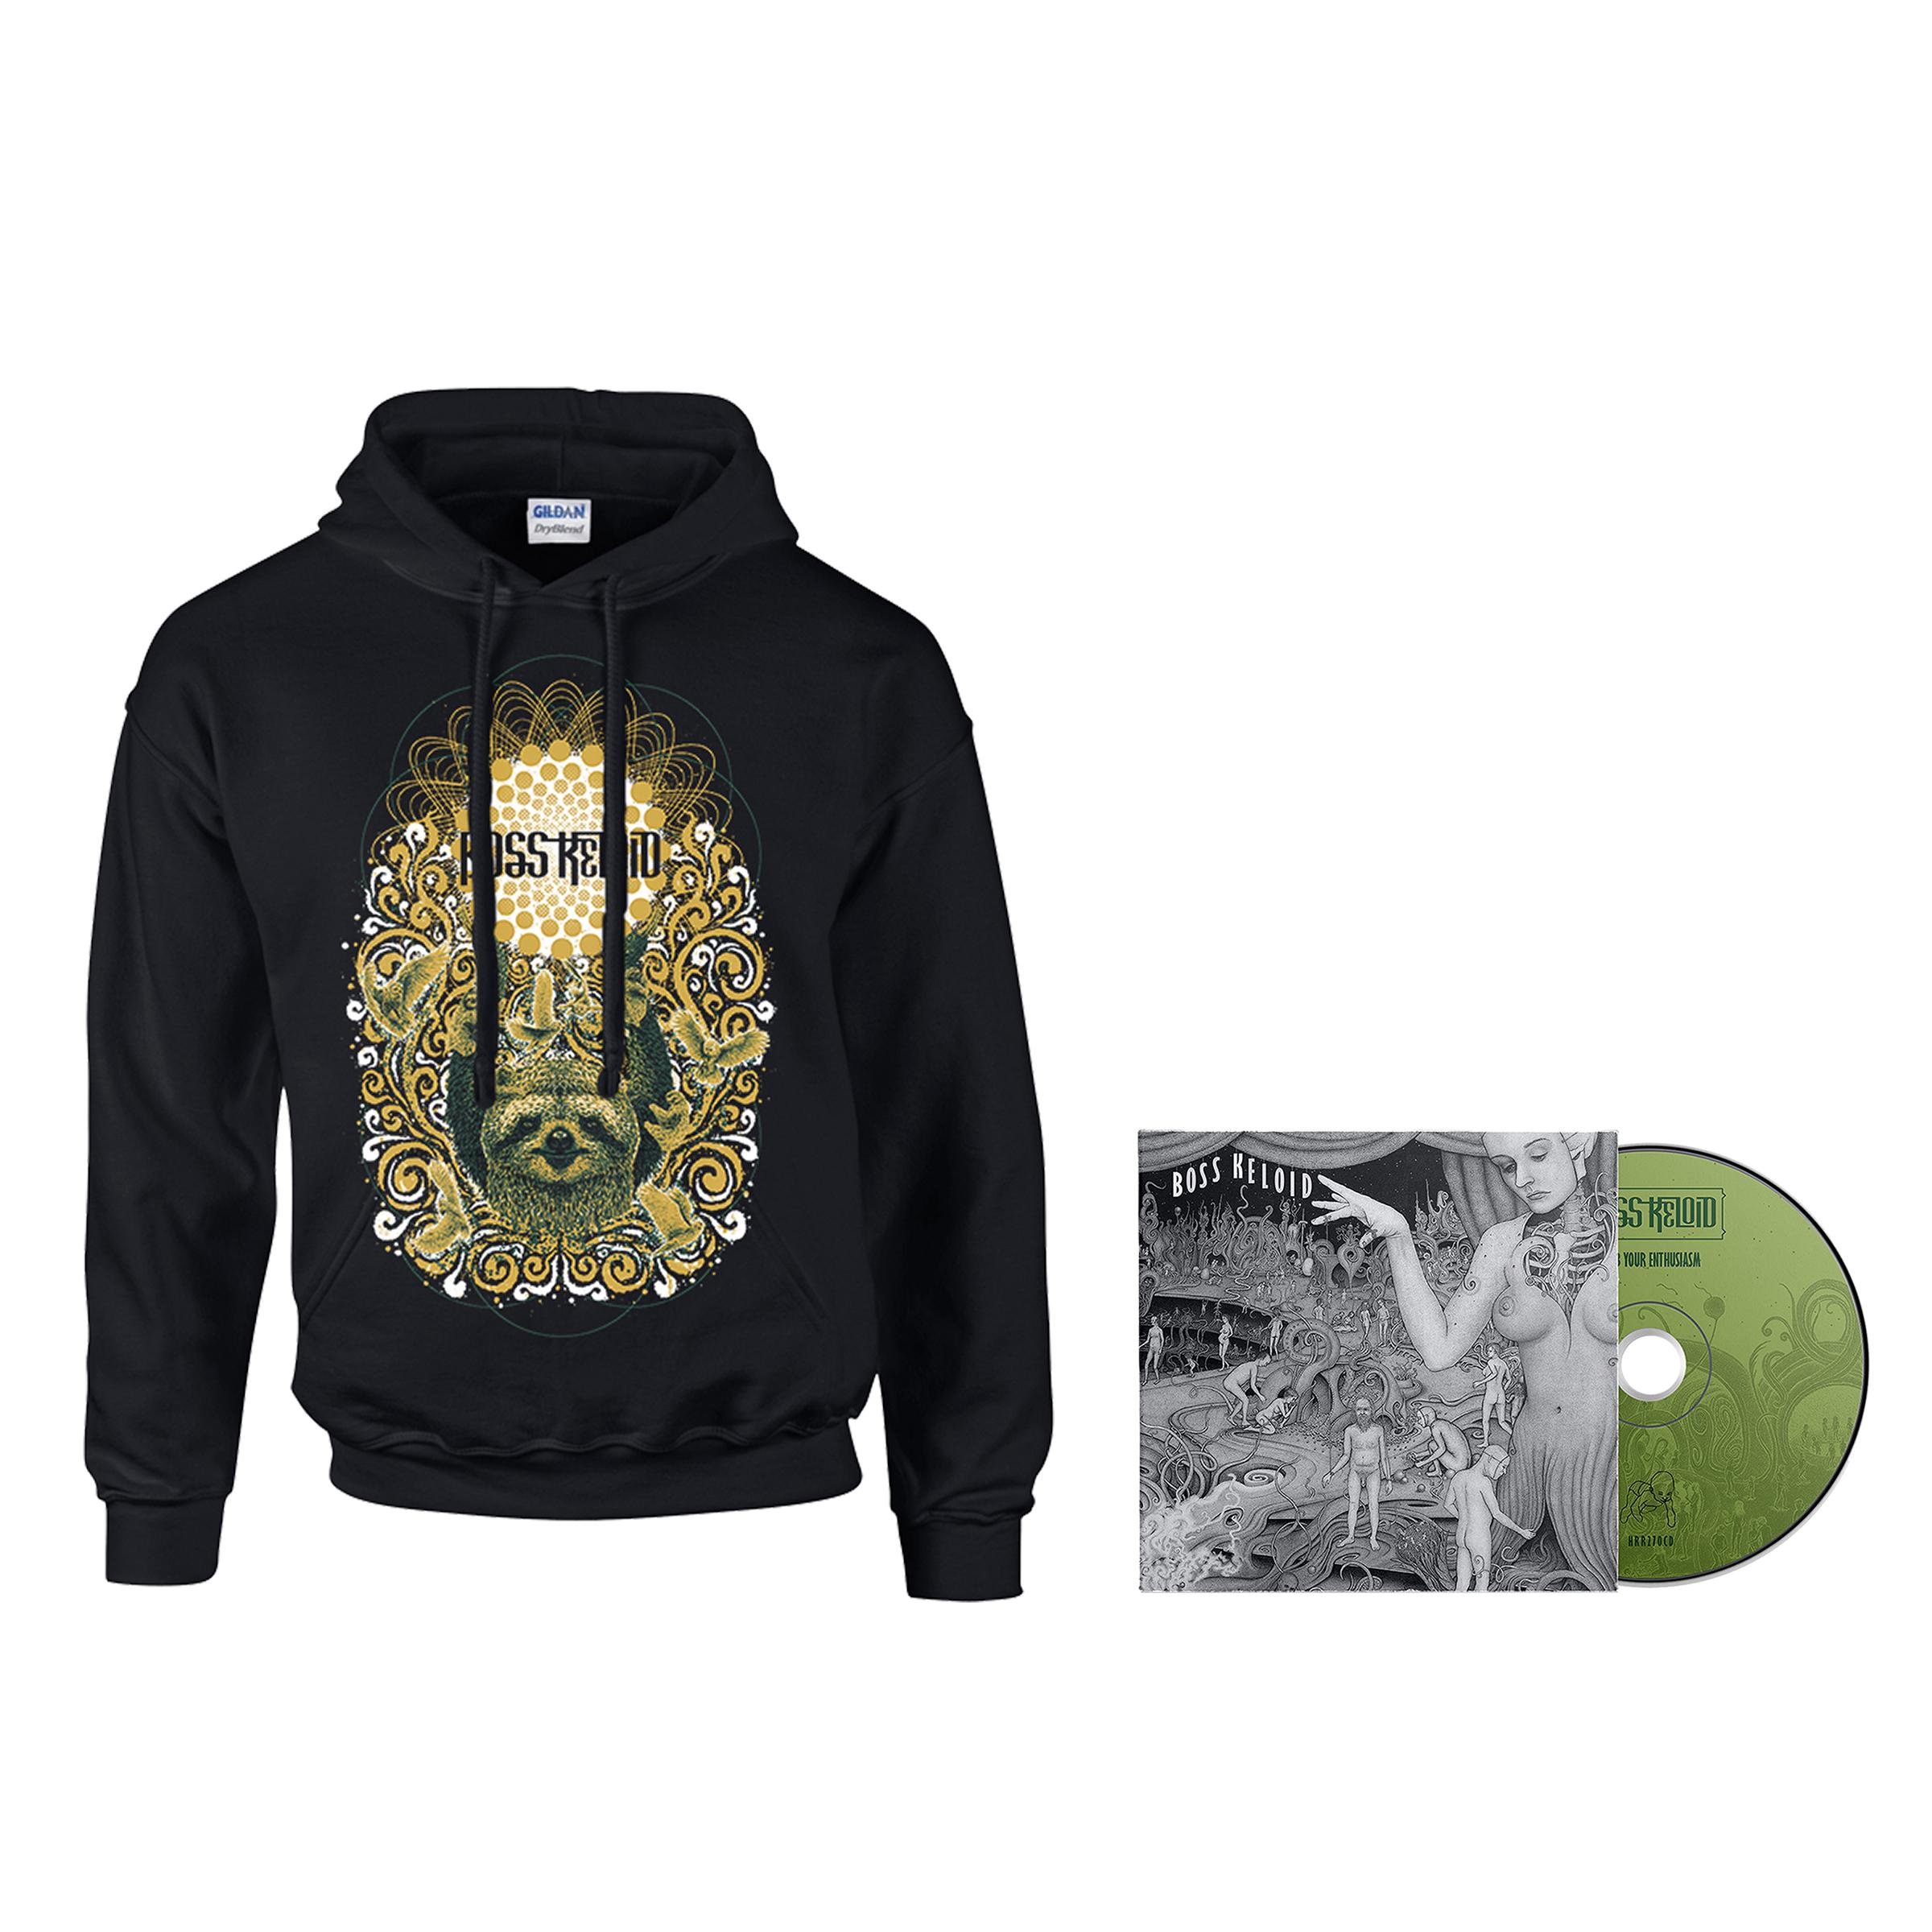 Boss Keloid - Herb Your Enthusiasm hoodie + CD